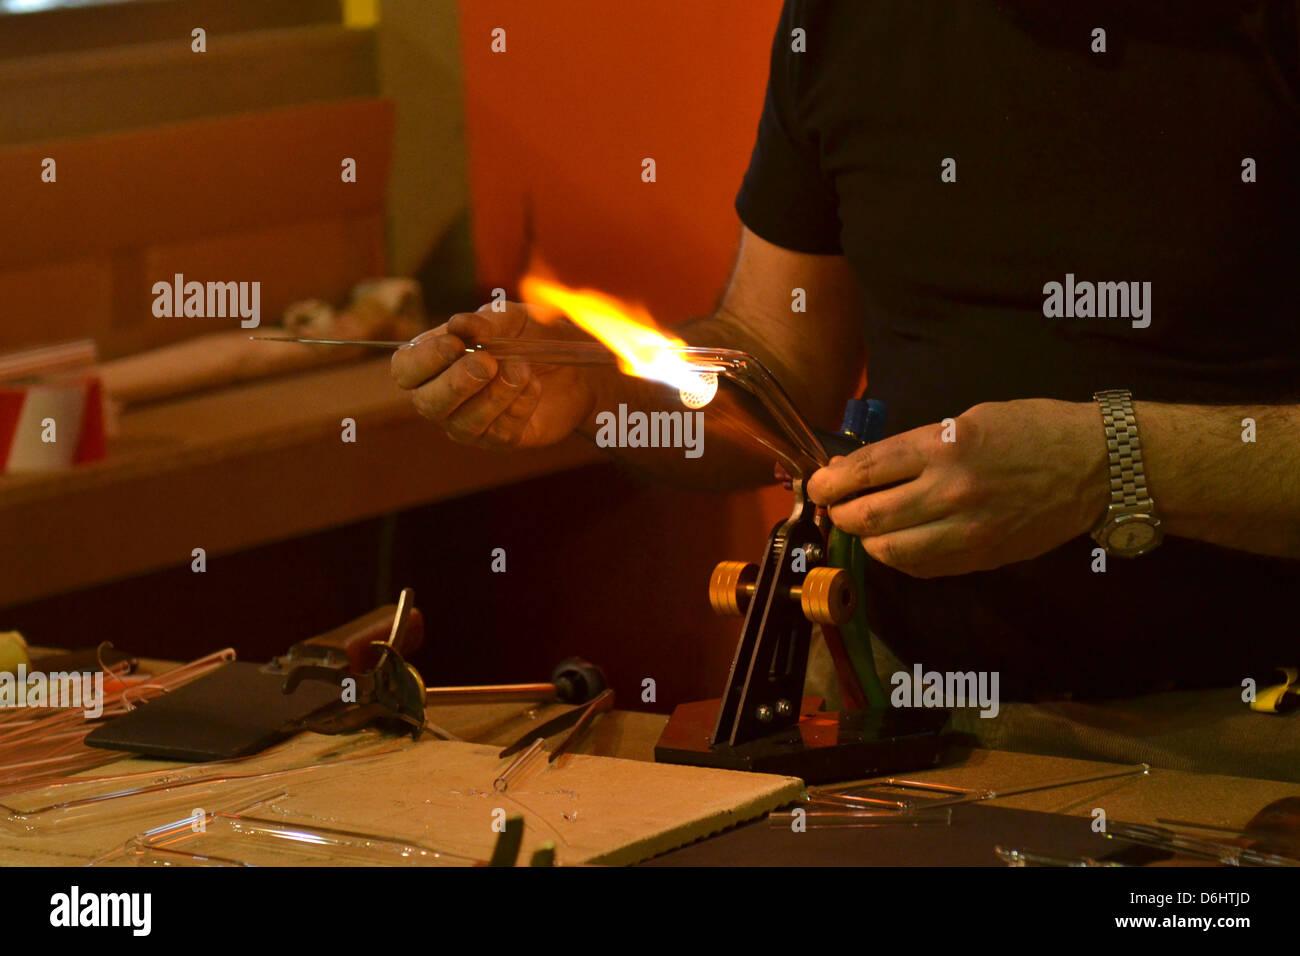 Kunst; humanistische Disziplin; künstlerische Produktion; Handwerker; Künstler; und Künstler; künstlerische; Stockbild